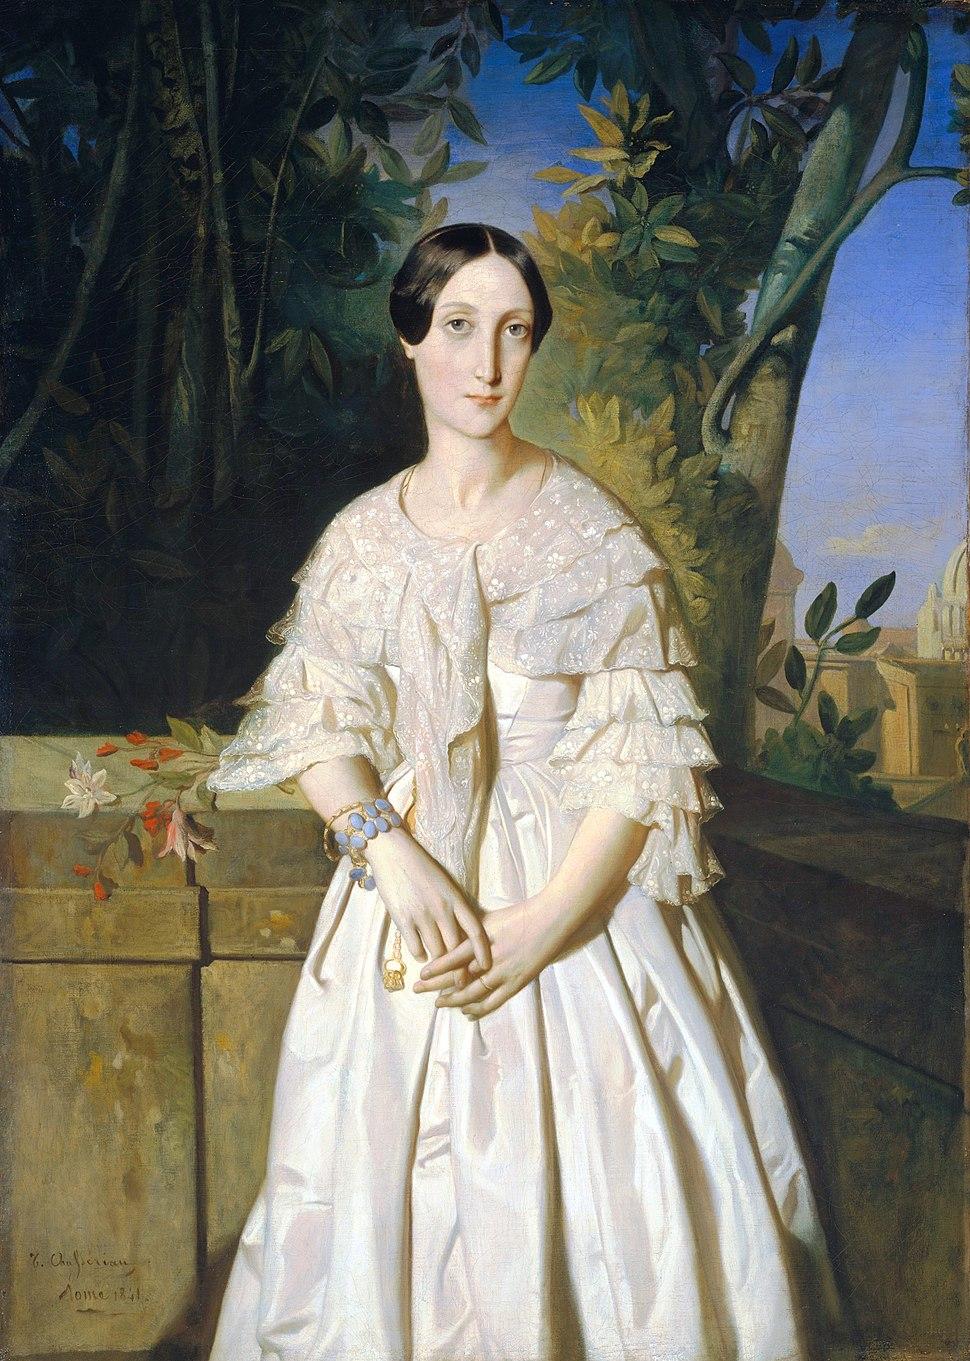 Chassériau - Comtesse de La Tour-Maubourg (née Marie-Louise-Charlotte-Gabrielle Thomas de Pange, 1816–1850)